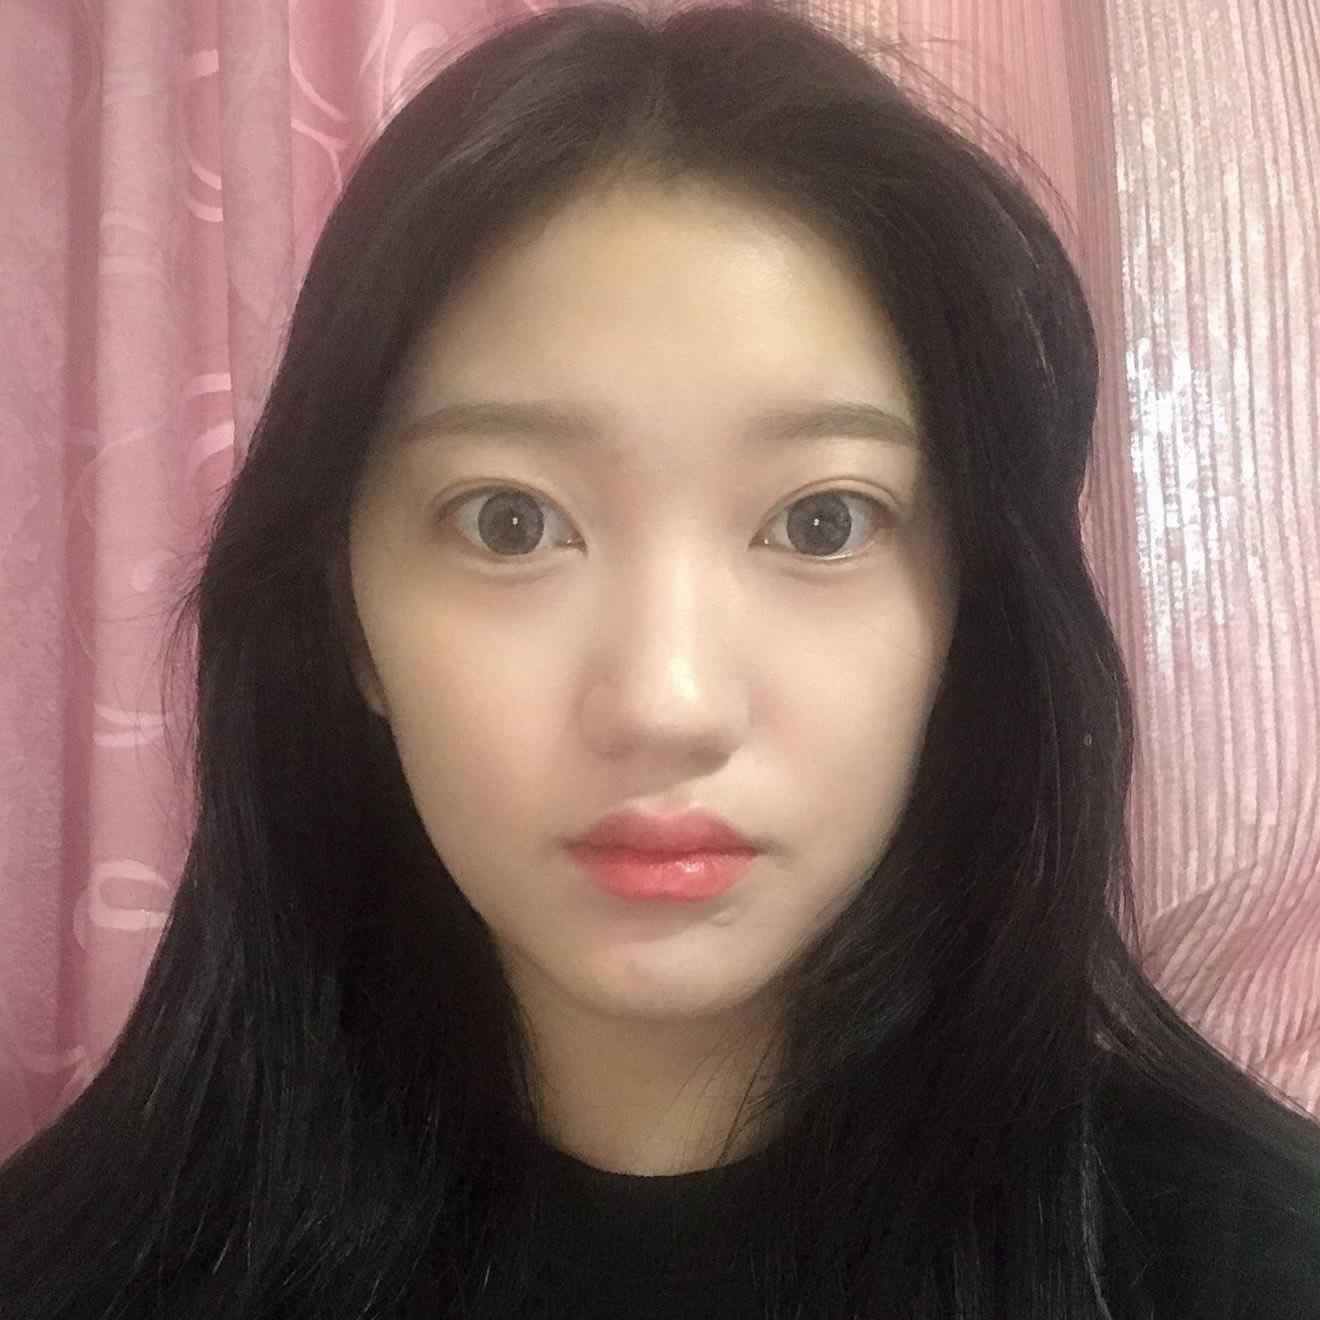 听说韩国的做鼻子挺好的,我就和朋友一起去韩国做了硅胶隆鼻手术,效果是真的好。